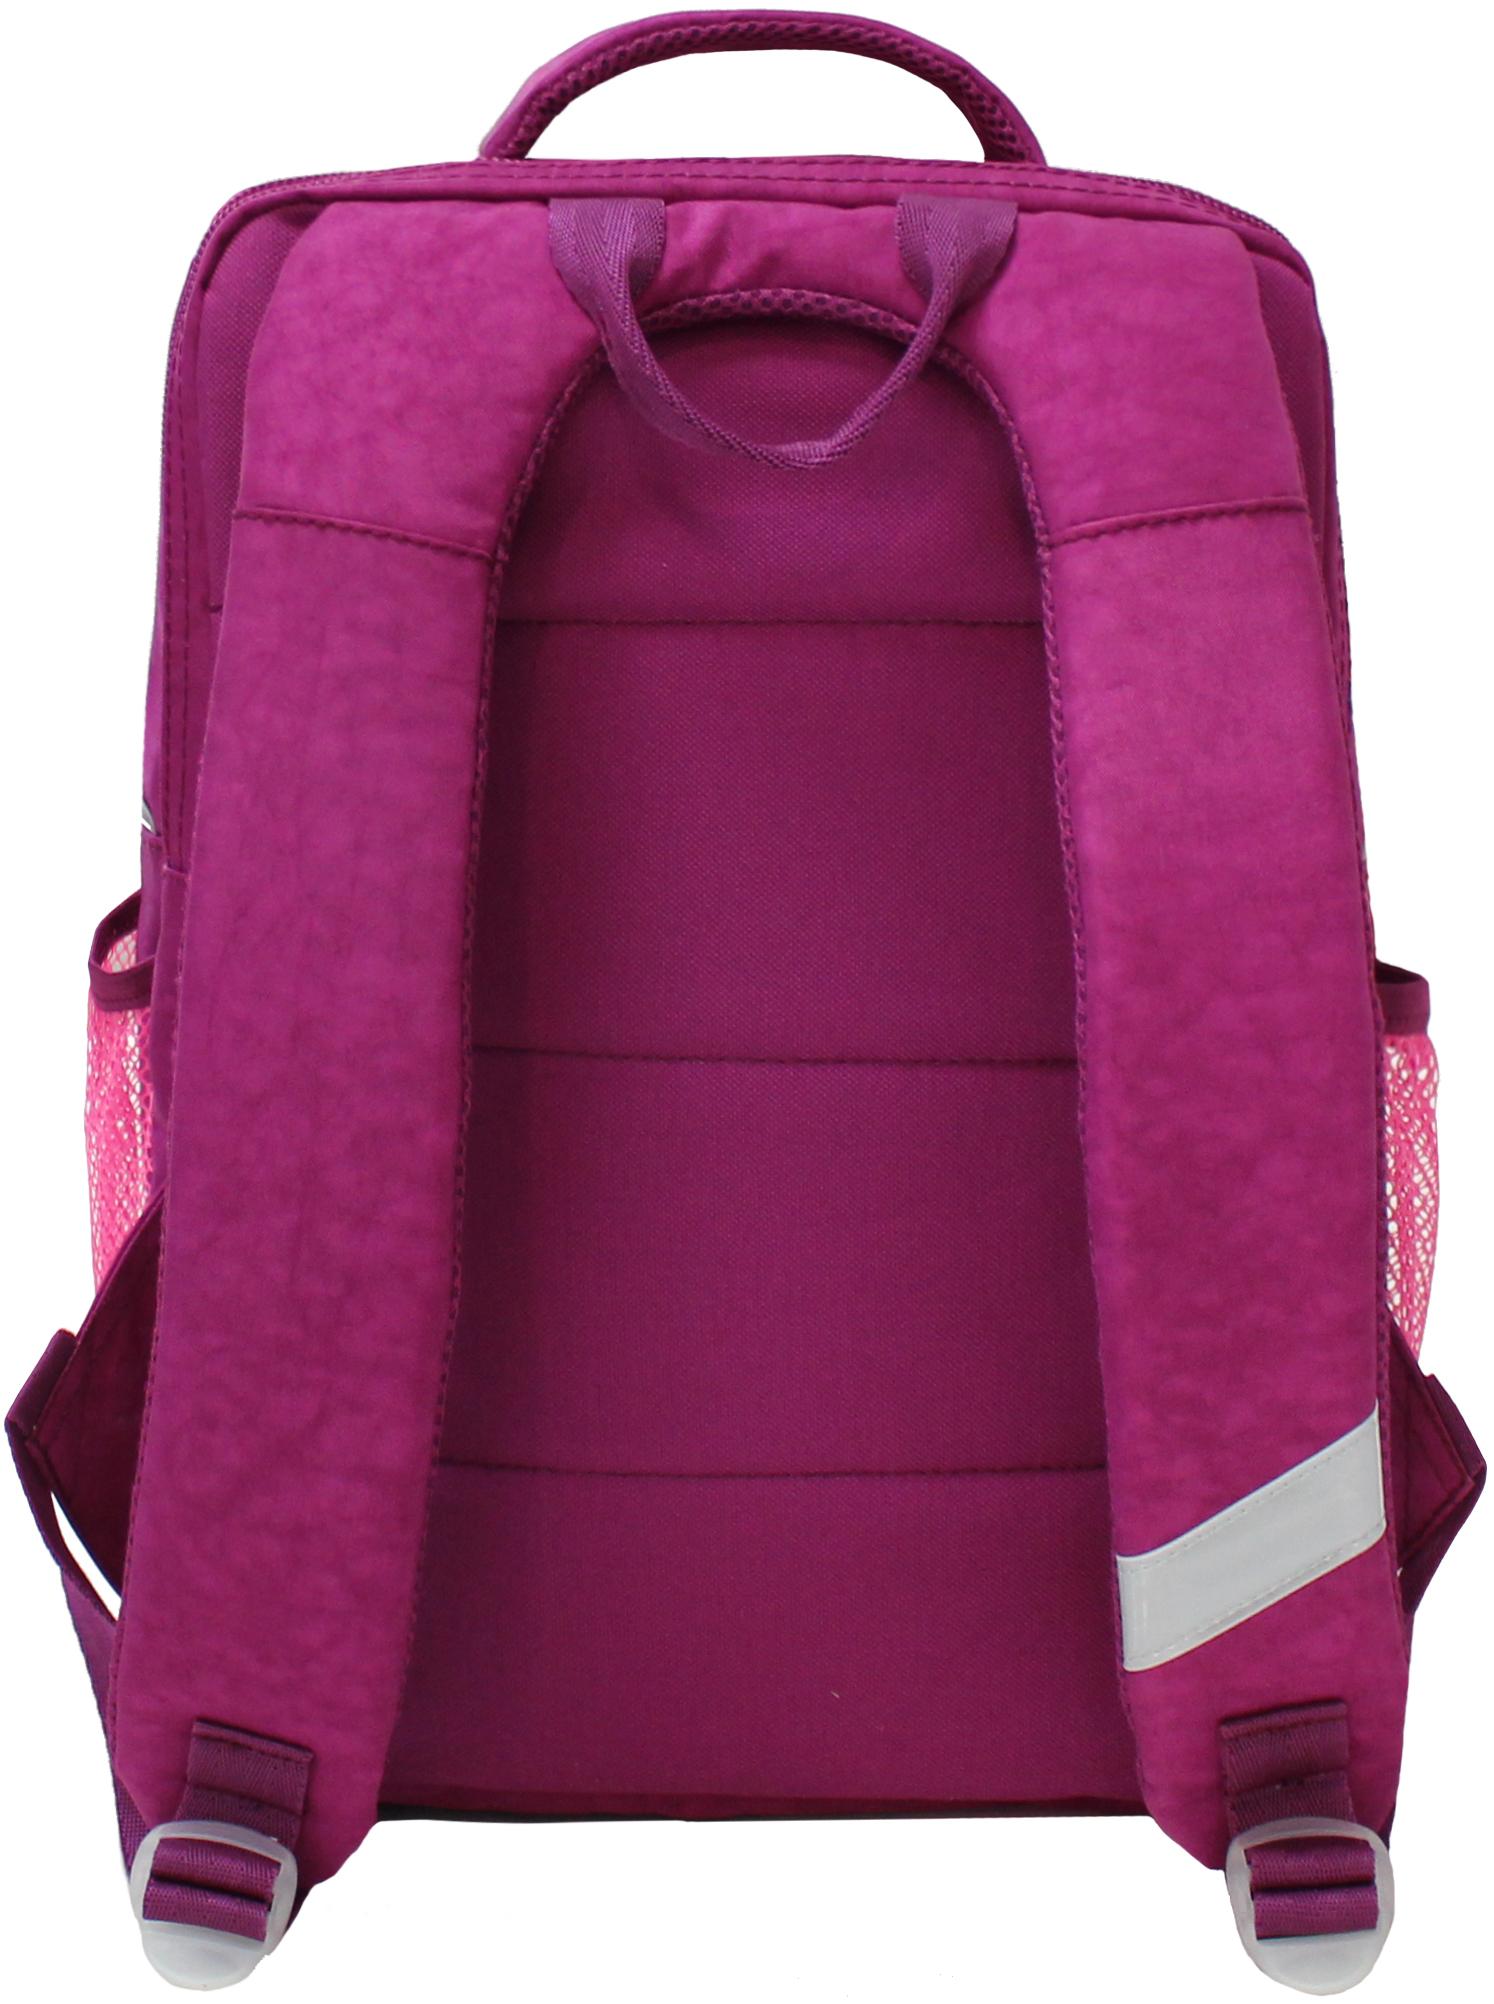 Рюкзак школьный Bagland Школьник 8 л. малина (собака 18) (00112702)